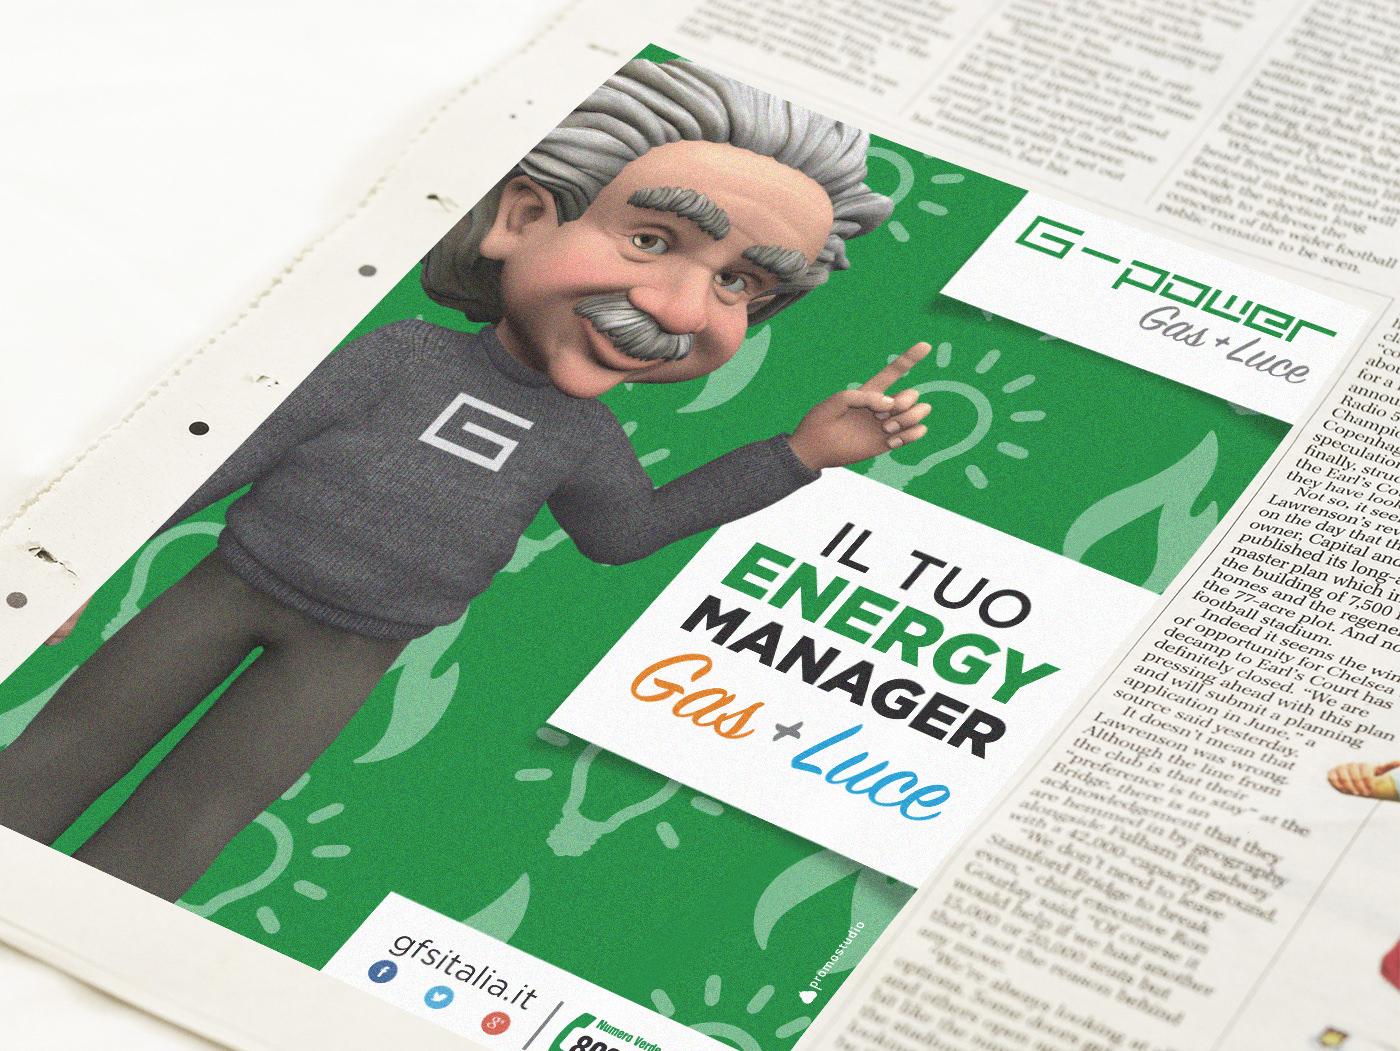 pubblicita-giornale-gpower